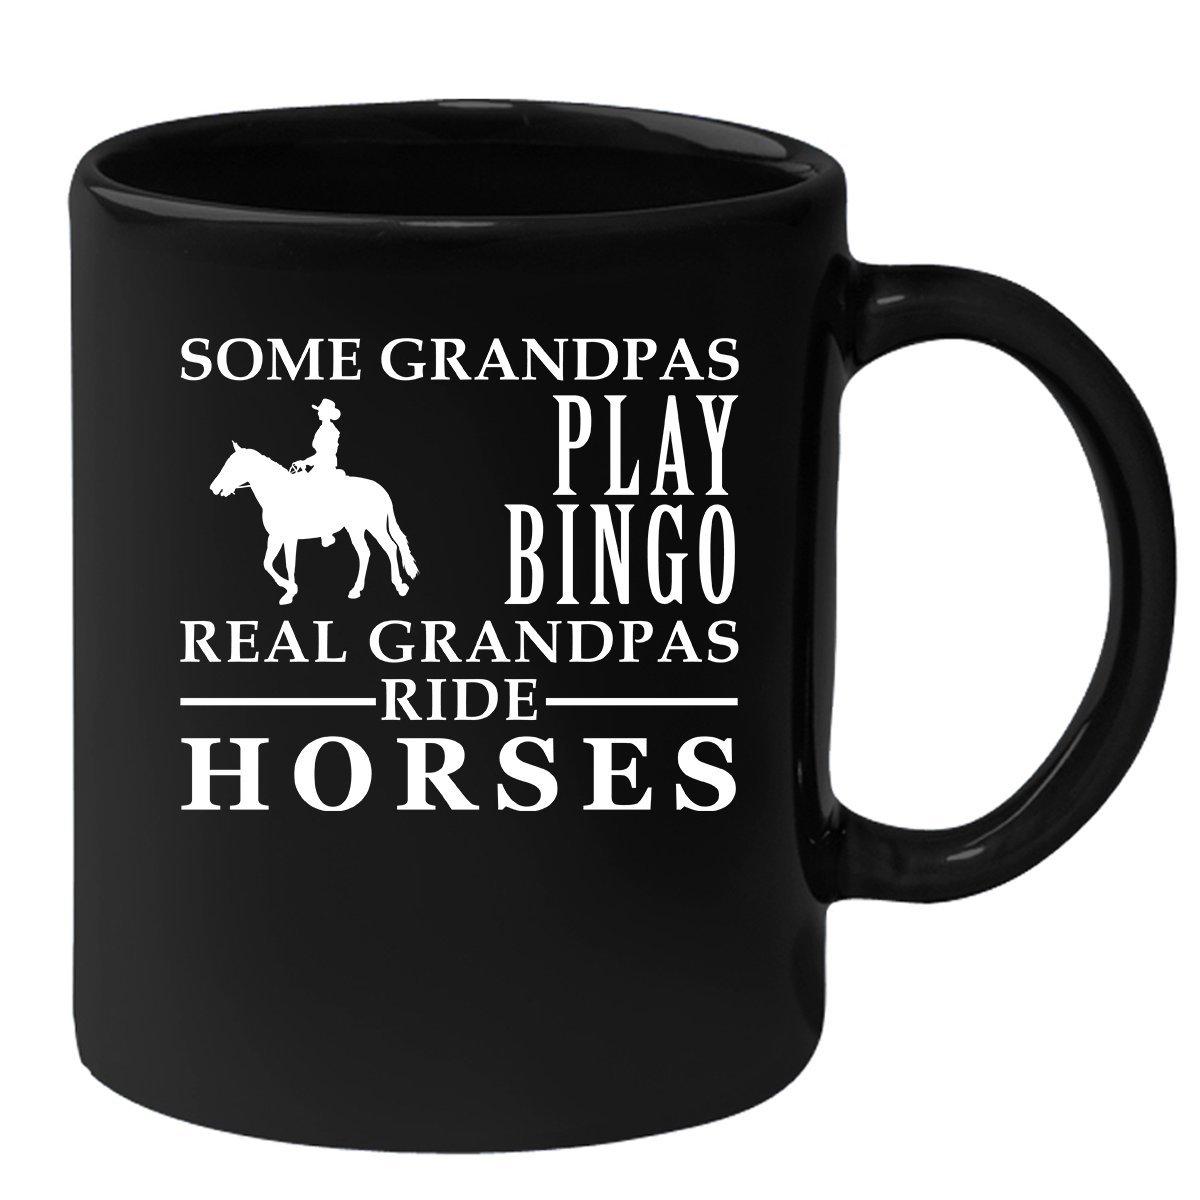 Mug for Grandpa 11oz Some Grandpas play bingo, real Grandpas ride Horses